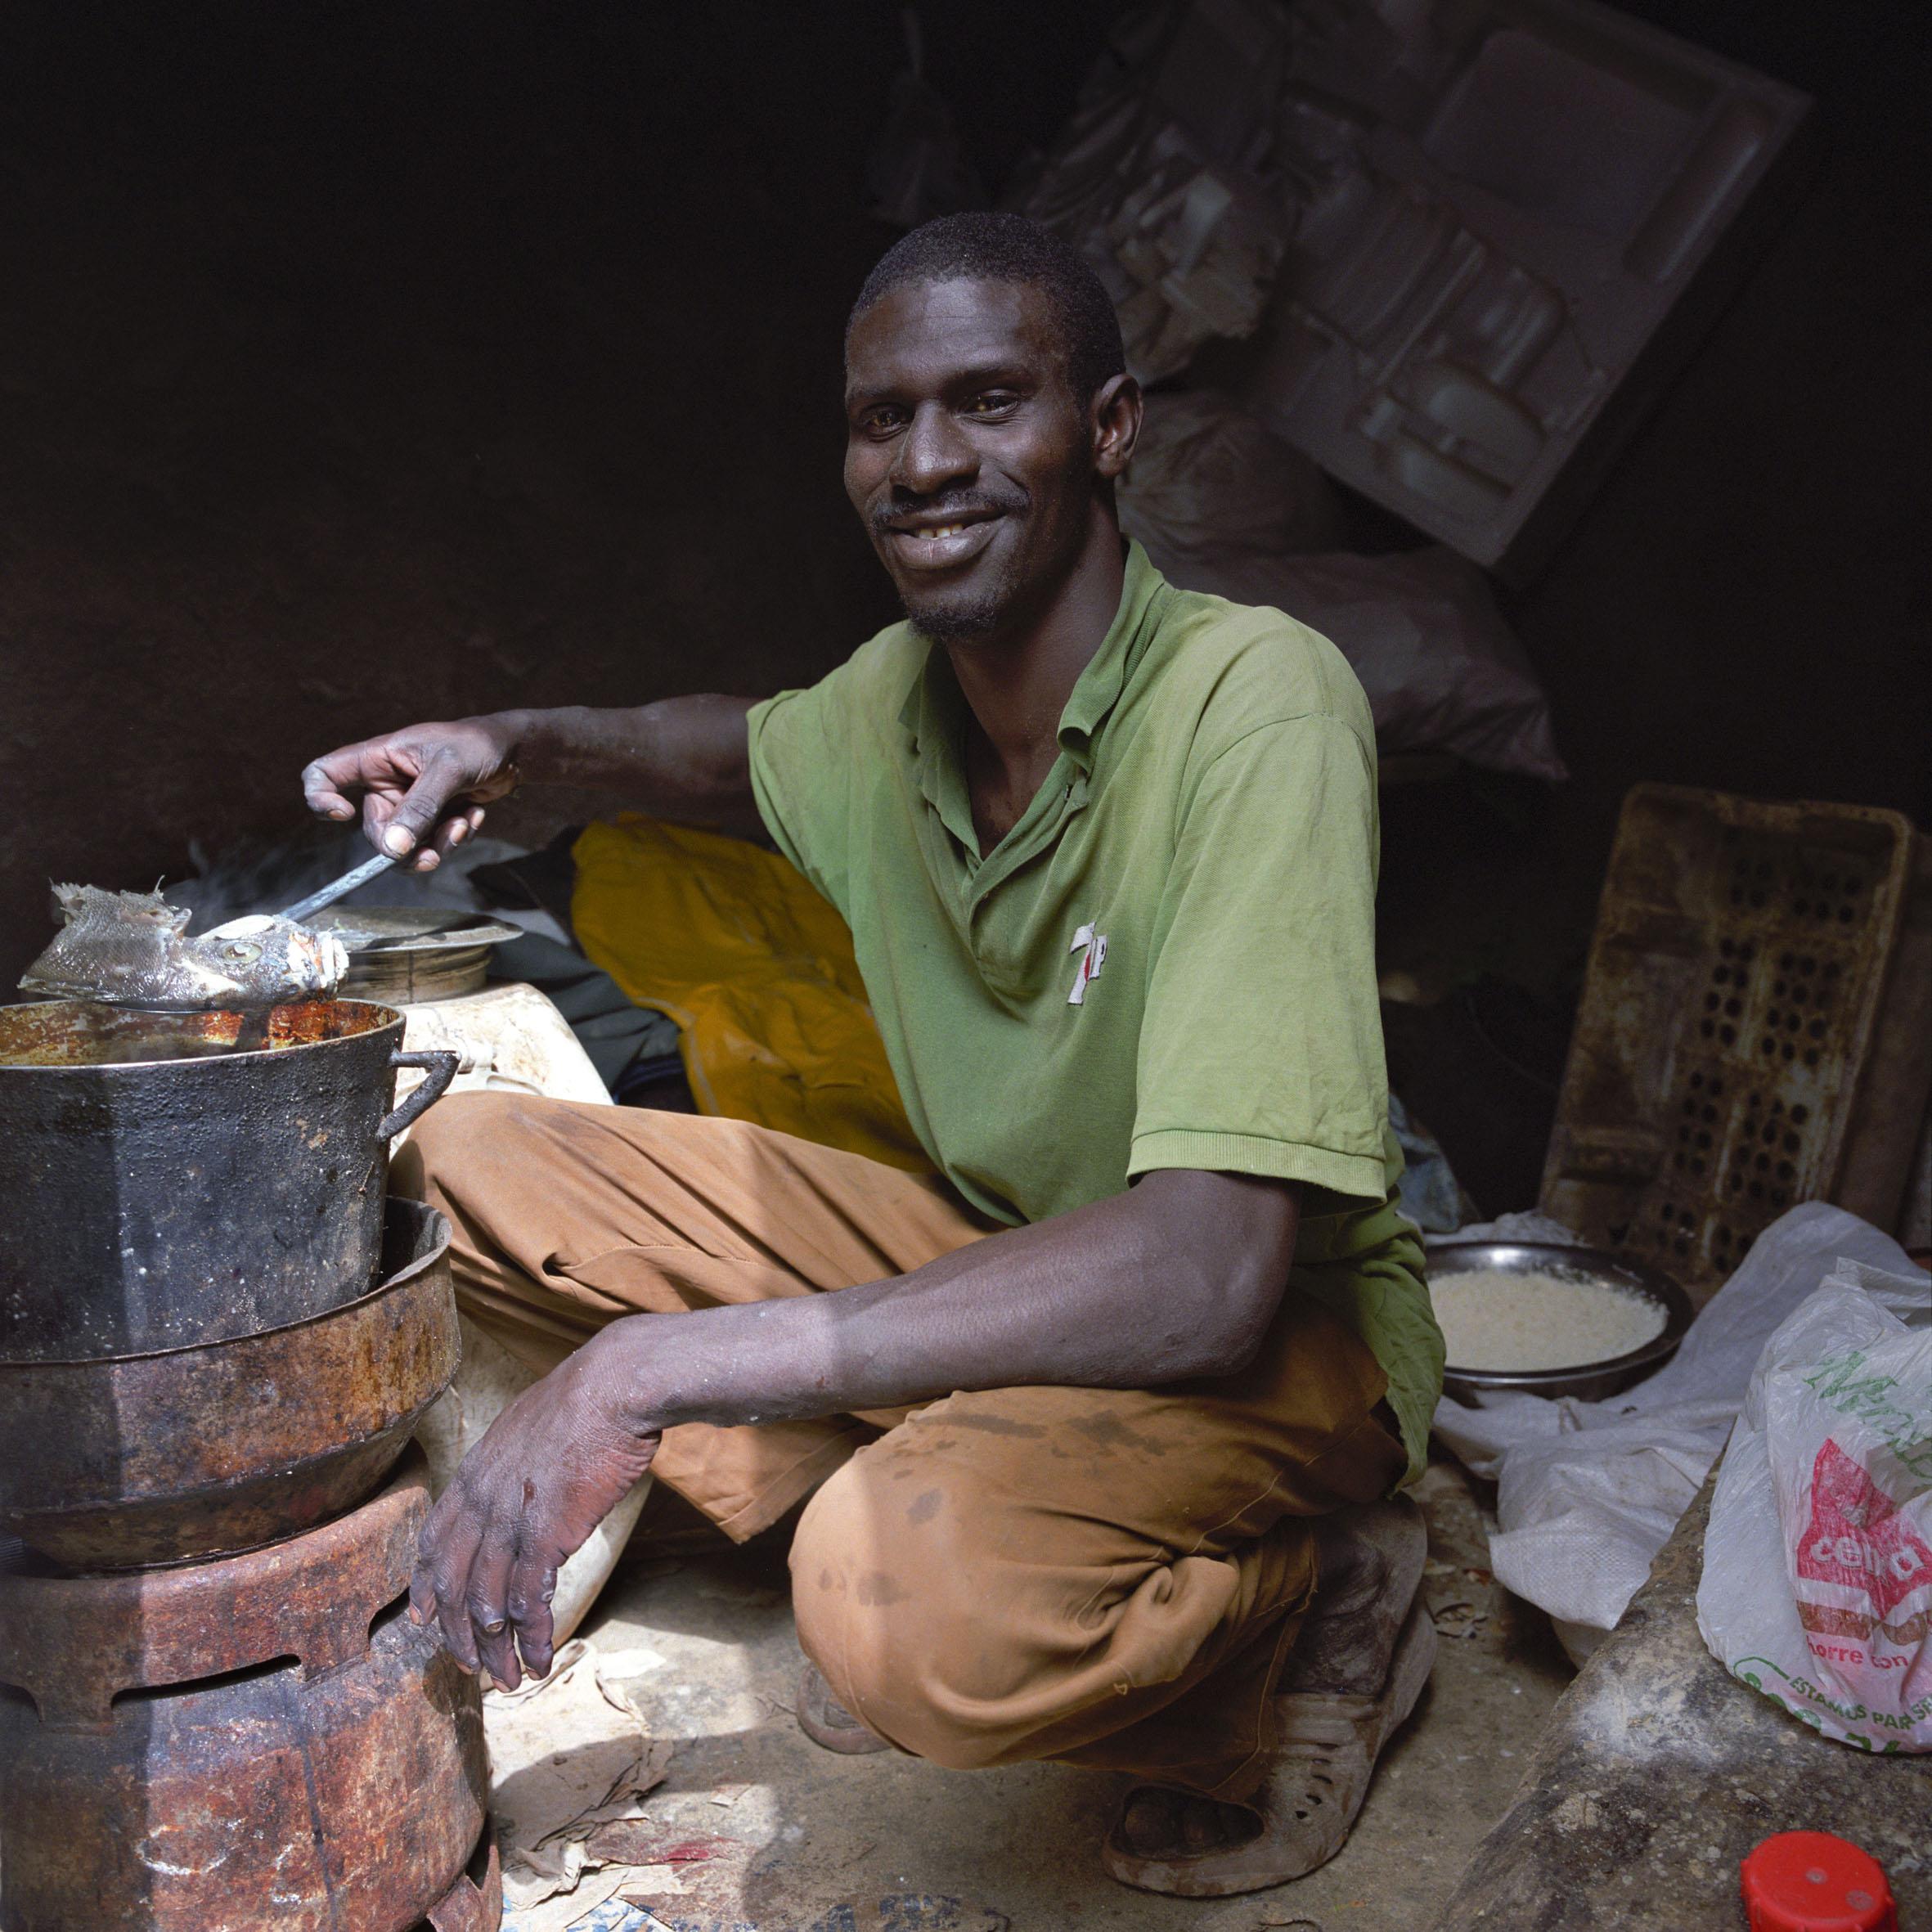 Un inmigrante de Senegal cocina comida en su refugio improvisado en Nuakchot. Mauritania es una de las diferentes rutas utilizadas por los inmigrantes indocumentados en su intento de llegar a Europa. Viviendo en condiciones precarias de salud y en alojamientos inseguros, los emigrantes sufren grandes choques y traumas en los países de acogida, hecho que tiende a vulnerar aún más su salud psicológica.